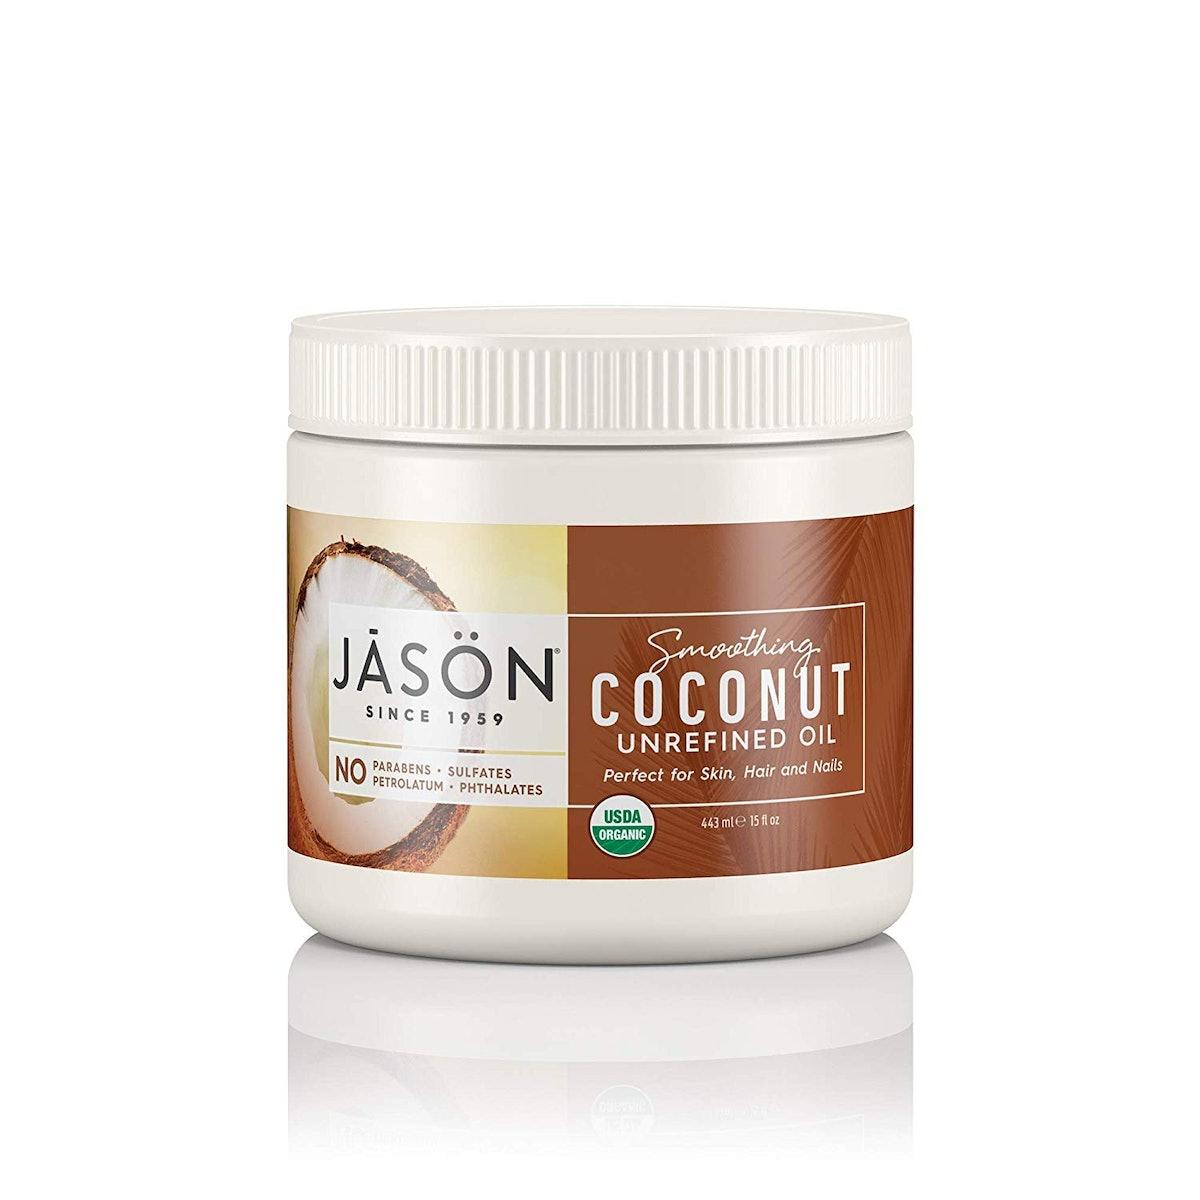 Jason Organic Unrefined Coconut Oil